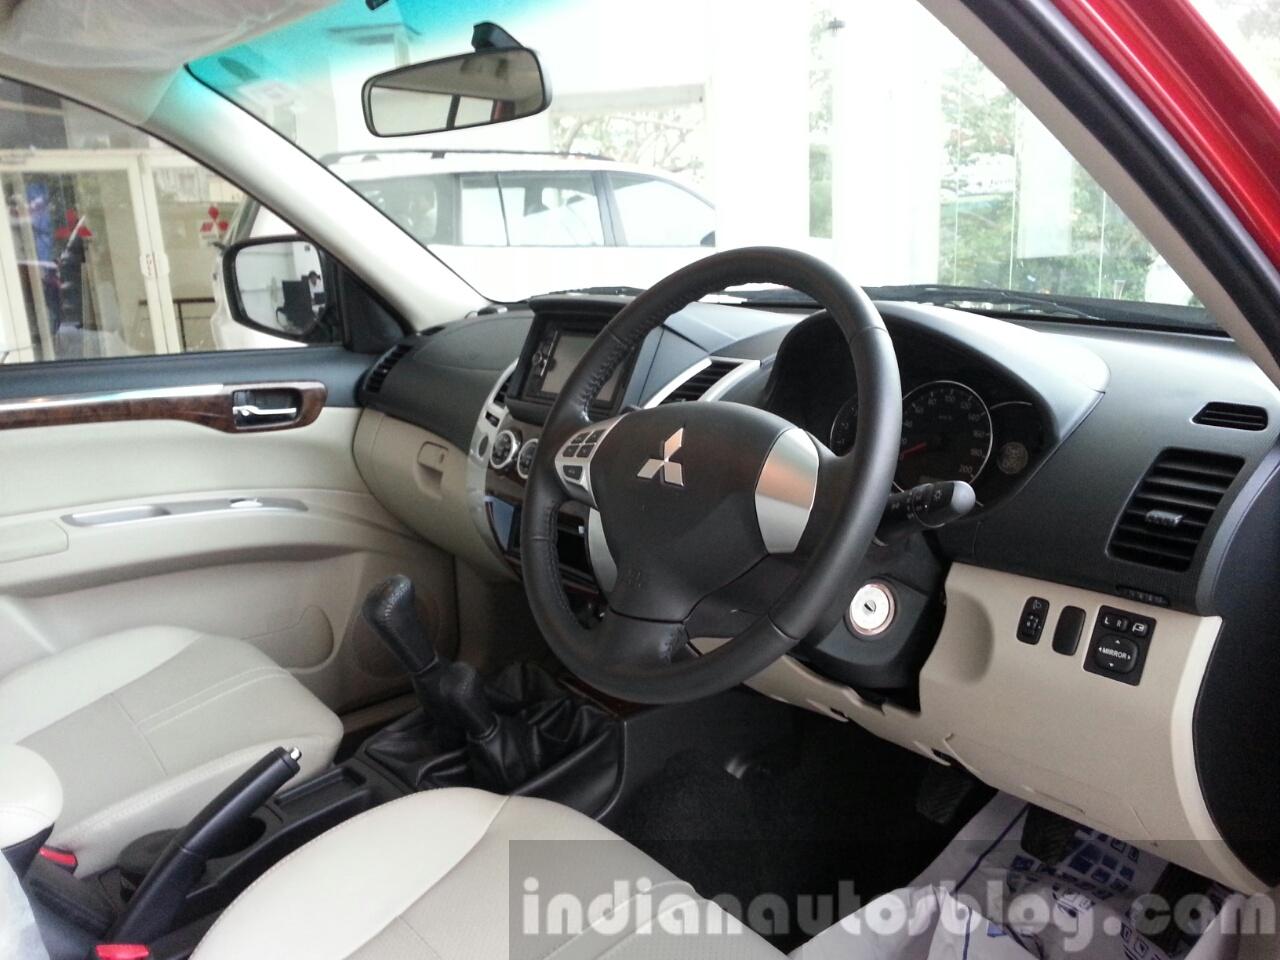 2014 Mitsubishi Pajero Sport facelift dashboard India